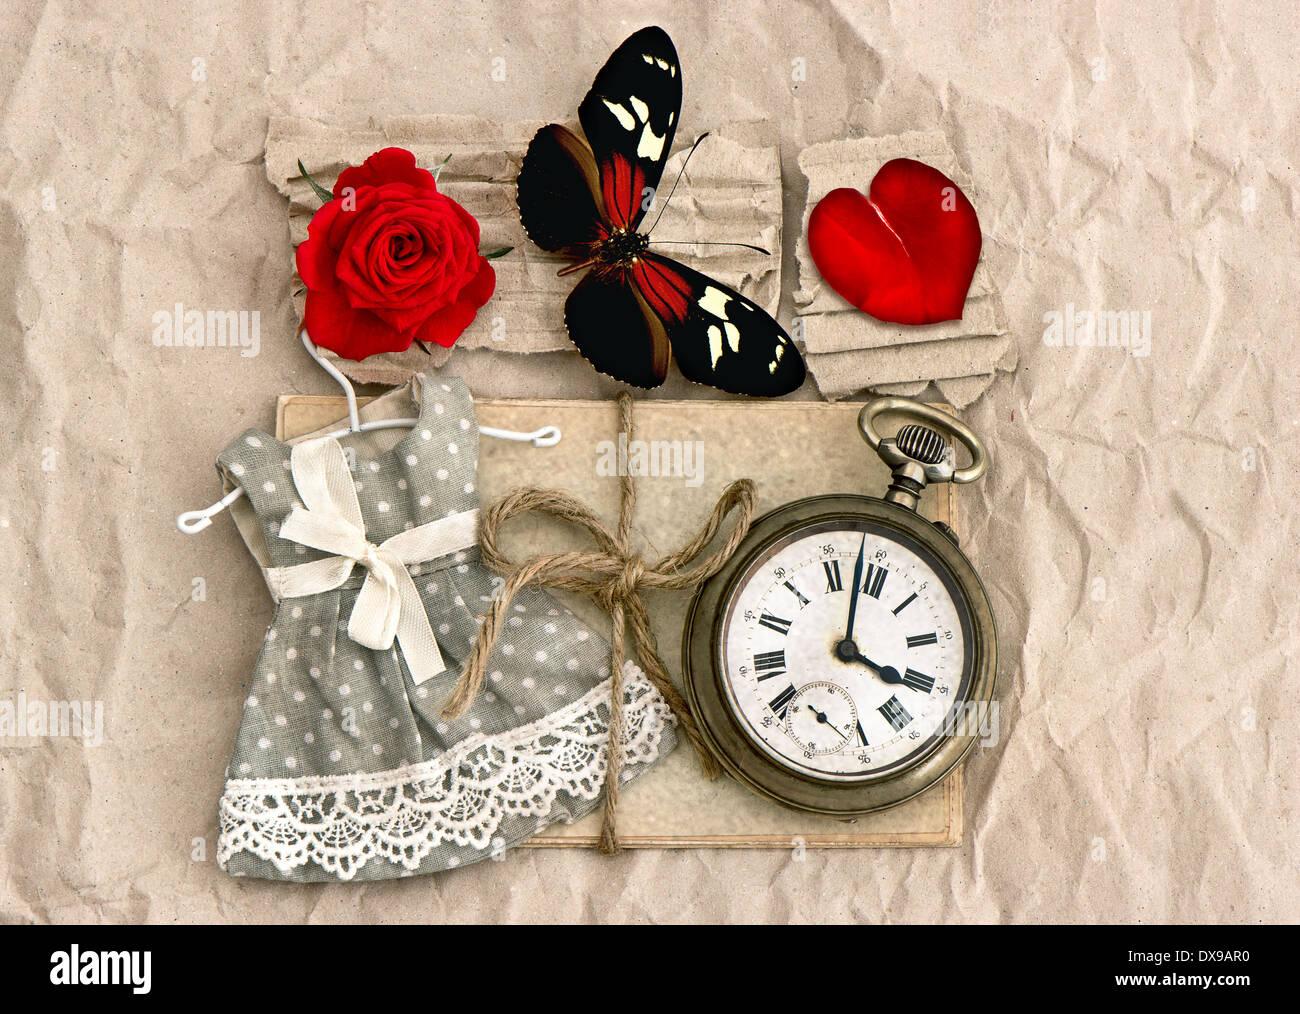 alte Liebe Postkarten und Vintage Uhr, rote rose Blume, Valentine Herz und Schmetterling. nostalgische Romantik Hintergrund Stockbild